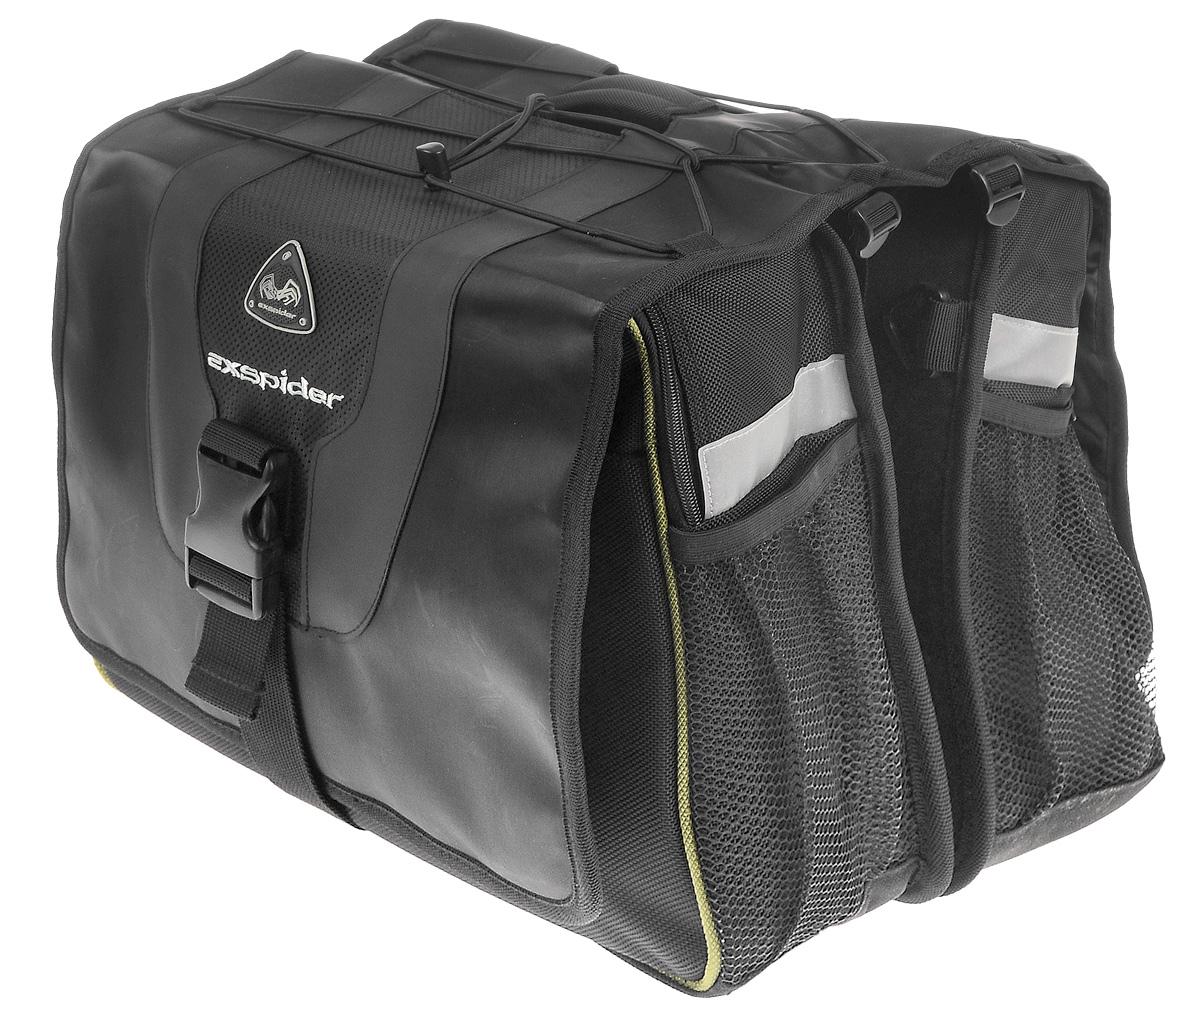 Сумка на багажник велосипеда EXspider, двойная, 36 х 33 х 23 смTB6201Универсальная сумка EXspider крепится на багажник, можно носить ее в руках или на плече. Изделие имеет два больших отделения с внешними карманами. Отделения закрываются на клапан с помощью застежки- молнии и липучки. Также внутри каждого отделения расположен карман на резинке. Подкладка из вспененного полиэтилена предохраняет содержимое от повреждений. Эластичный шнур позволяет закрепить другую небольшую сумку, палатку, спальный мешок, шлем и многое другое. В комплект входит водоотталкивающий чехол от дождя из нейлона и плечевой регулируемый ремень. Внешние сетчатые карманы с каждой из четырех сторон предназначены для небольших вещей. Светоотражающие вставки служат для лучшей заметности в темное время суток. Сумка крепится на багажник с помощью двух шнуров с крючками.